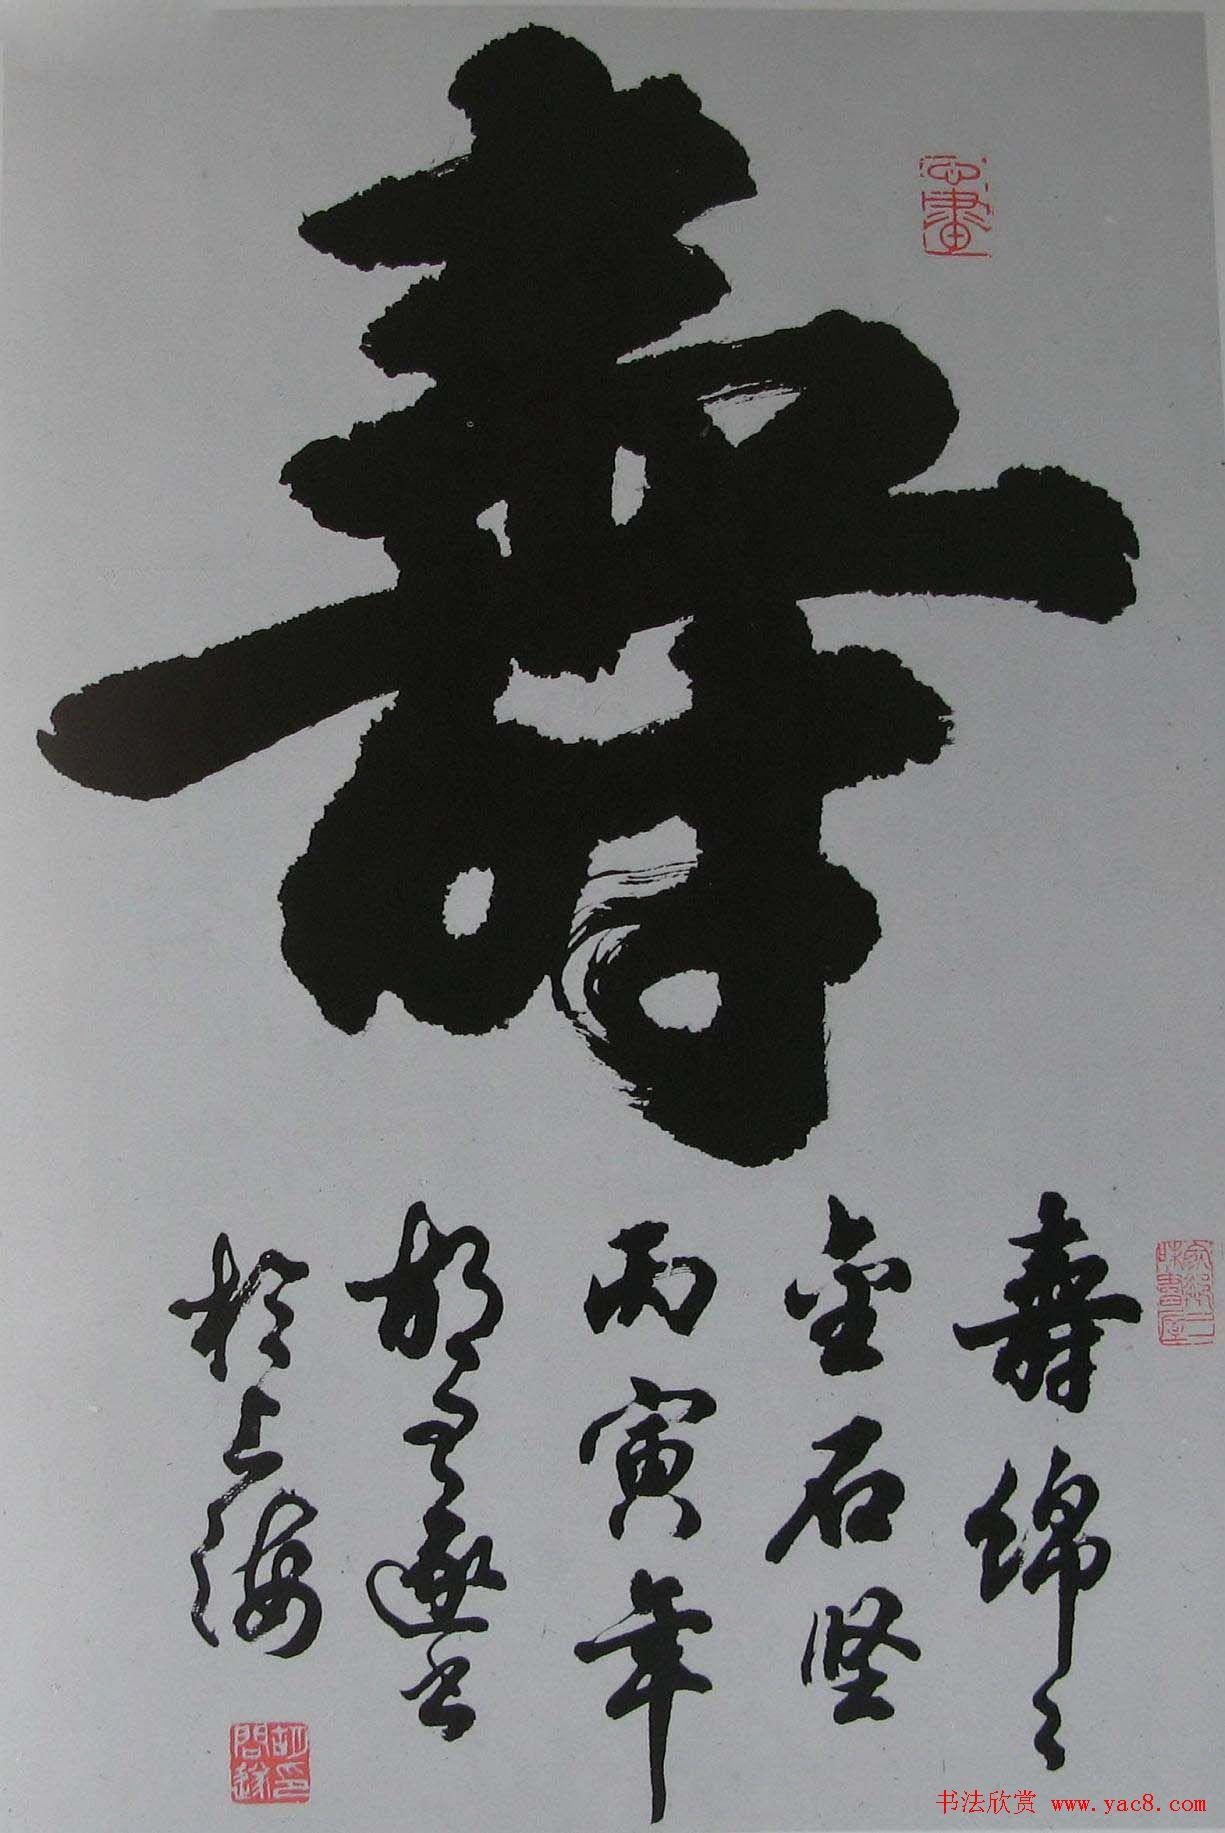 胡问遂书法作品网络展示专辑 第17页 毛笔书法 书法欣赏图片